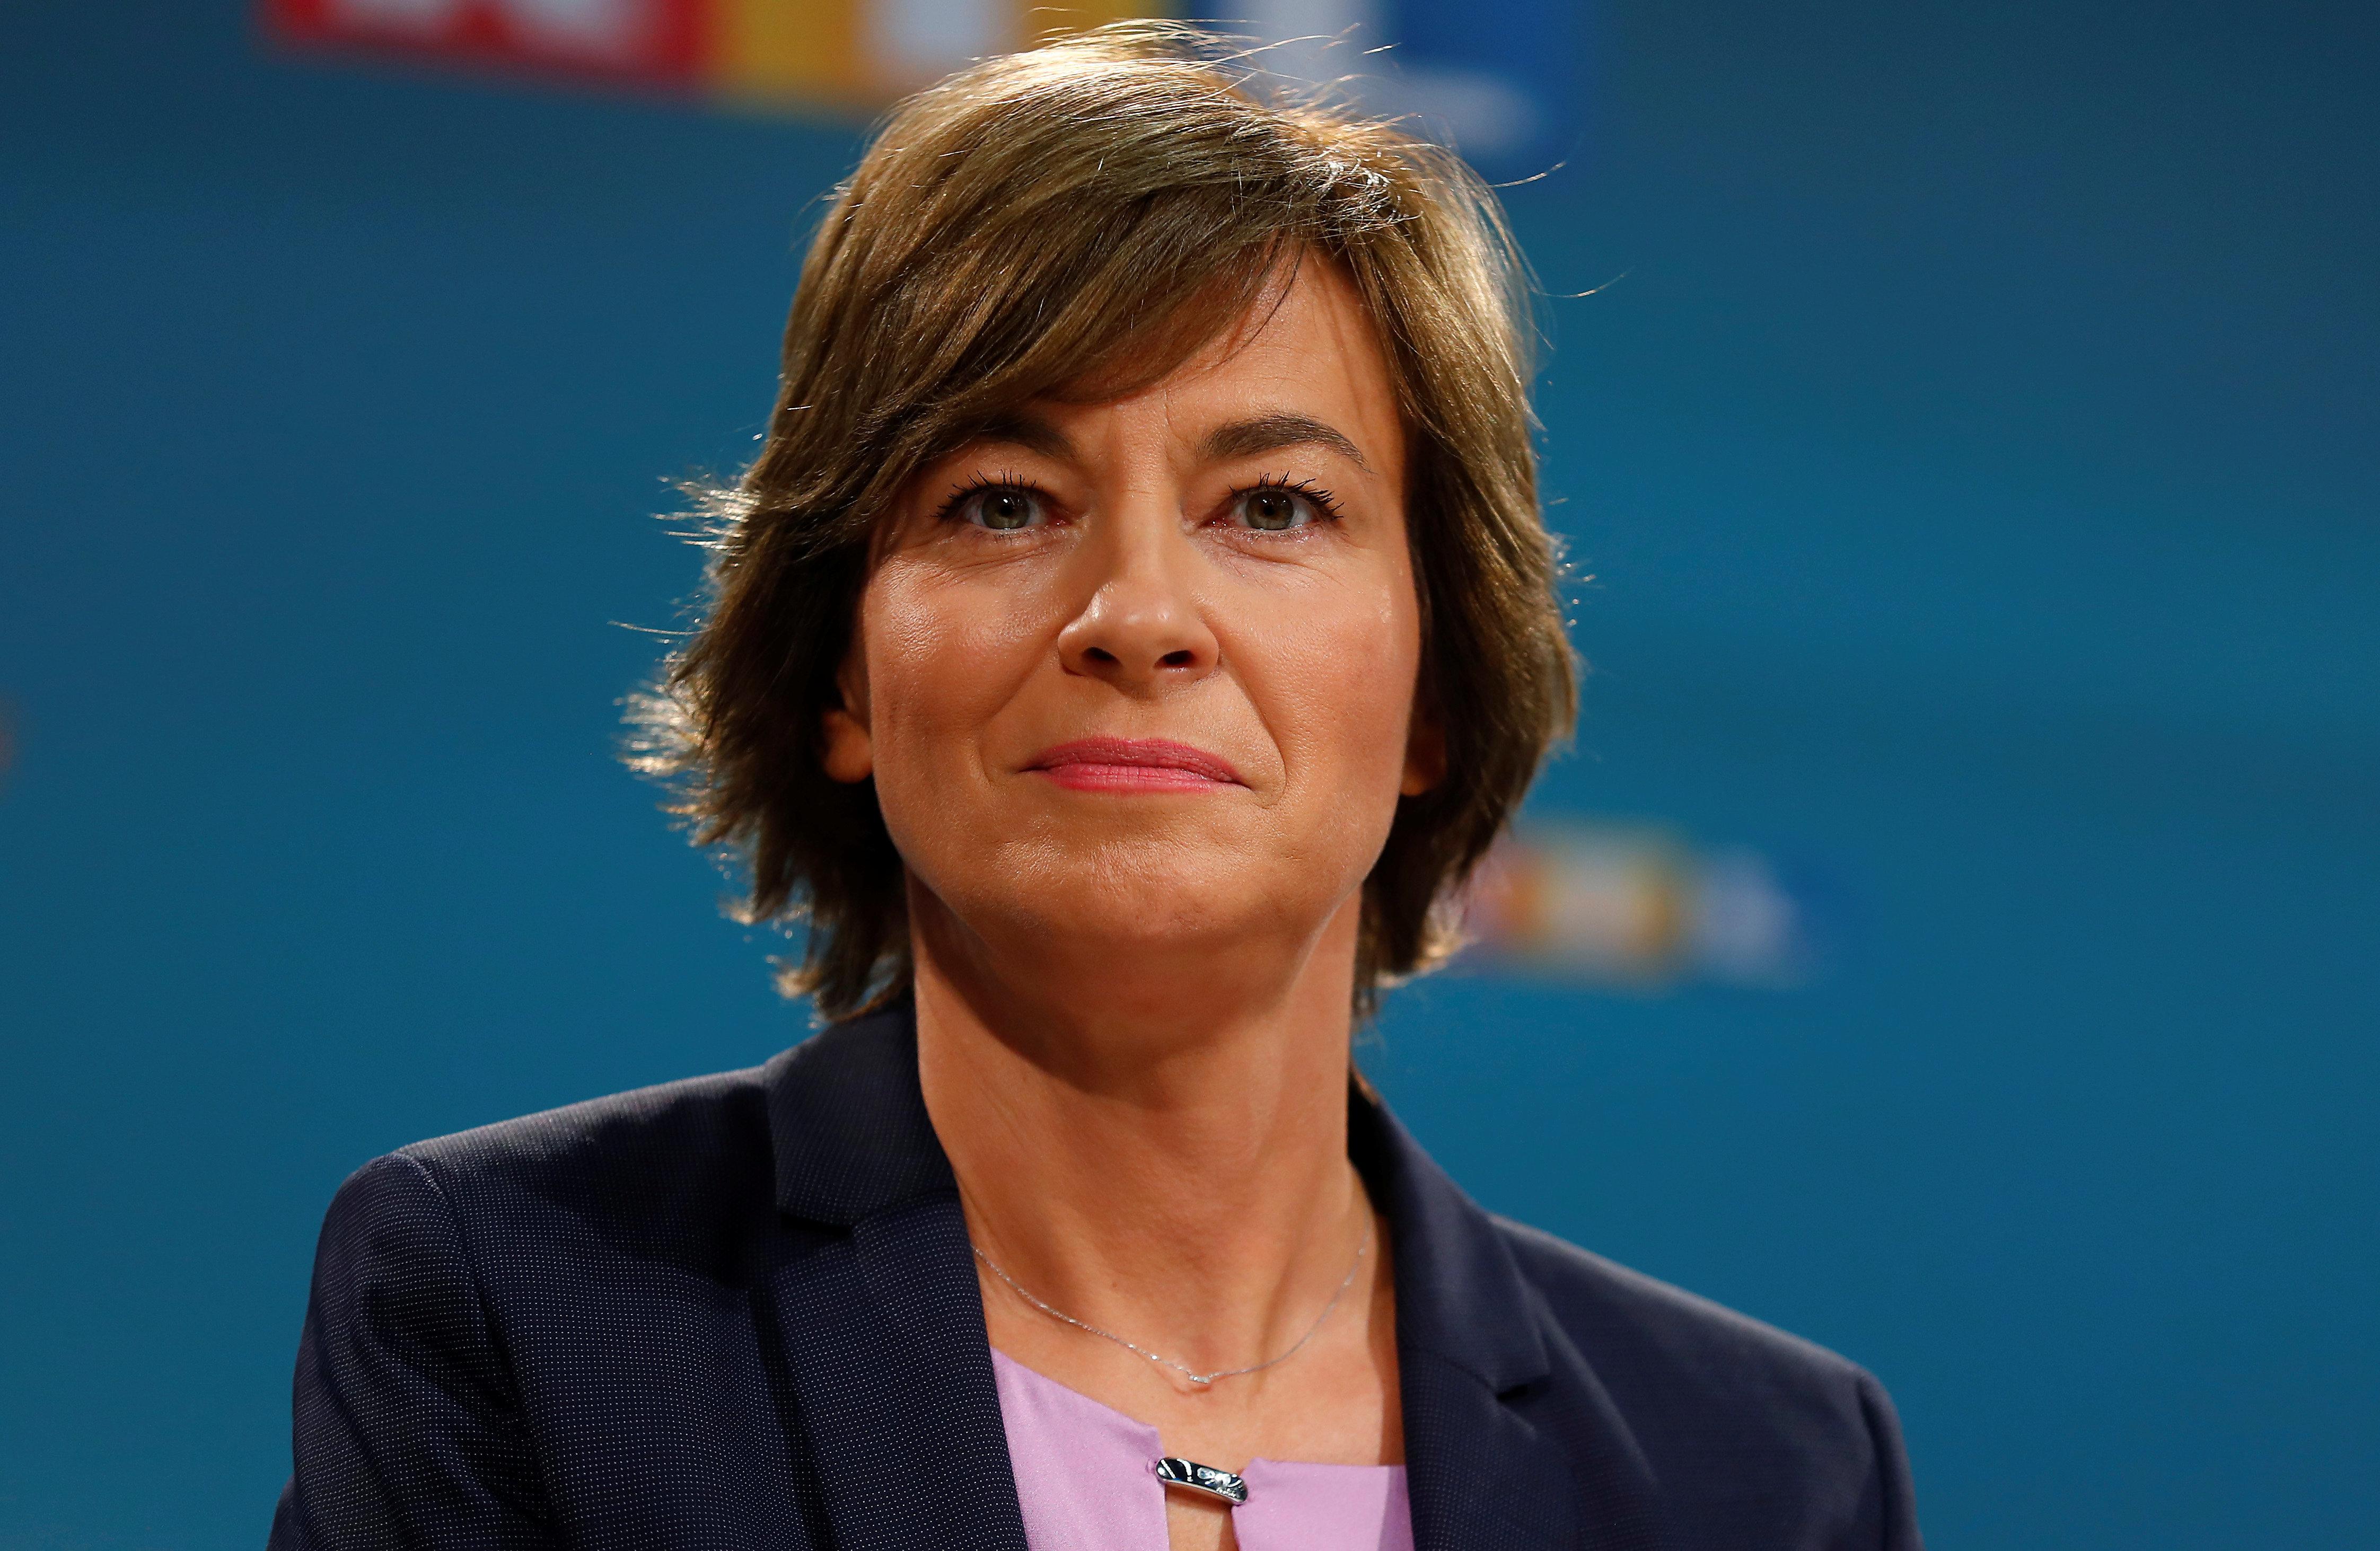 Maybrit Illner nach Trauerfall von ZDF-Kollege vertreten